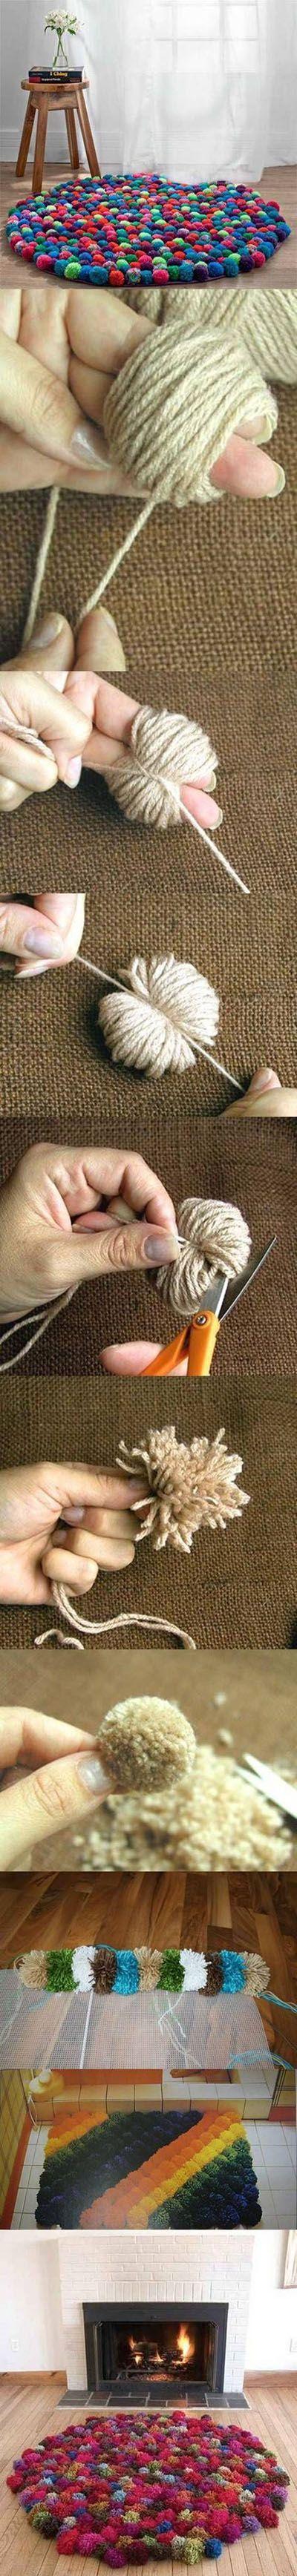 bommel teppich diy 39 s basteln bommel teppich und handarbeit. Black Bedroom Furniture Sets. Home Design Ideas